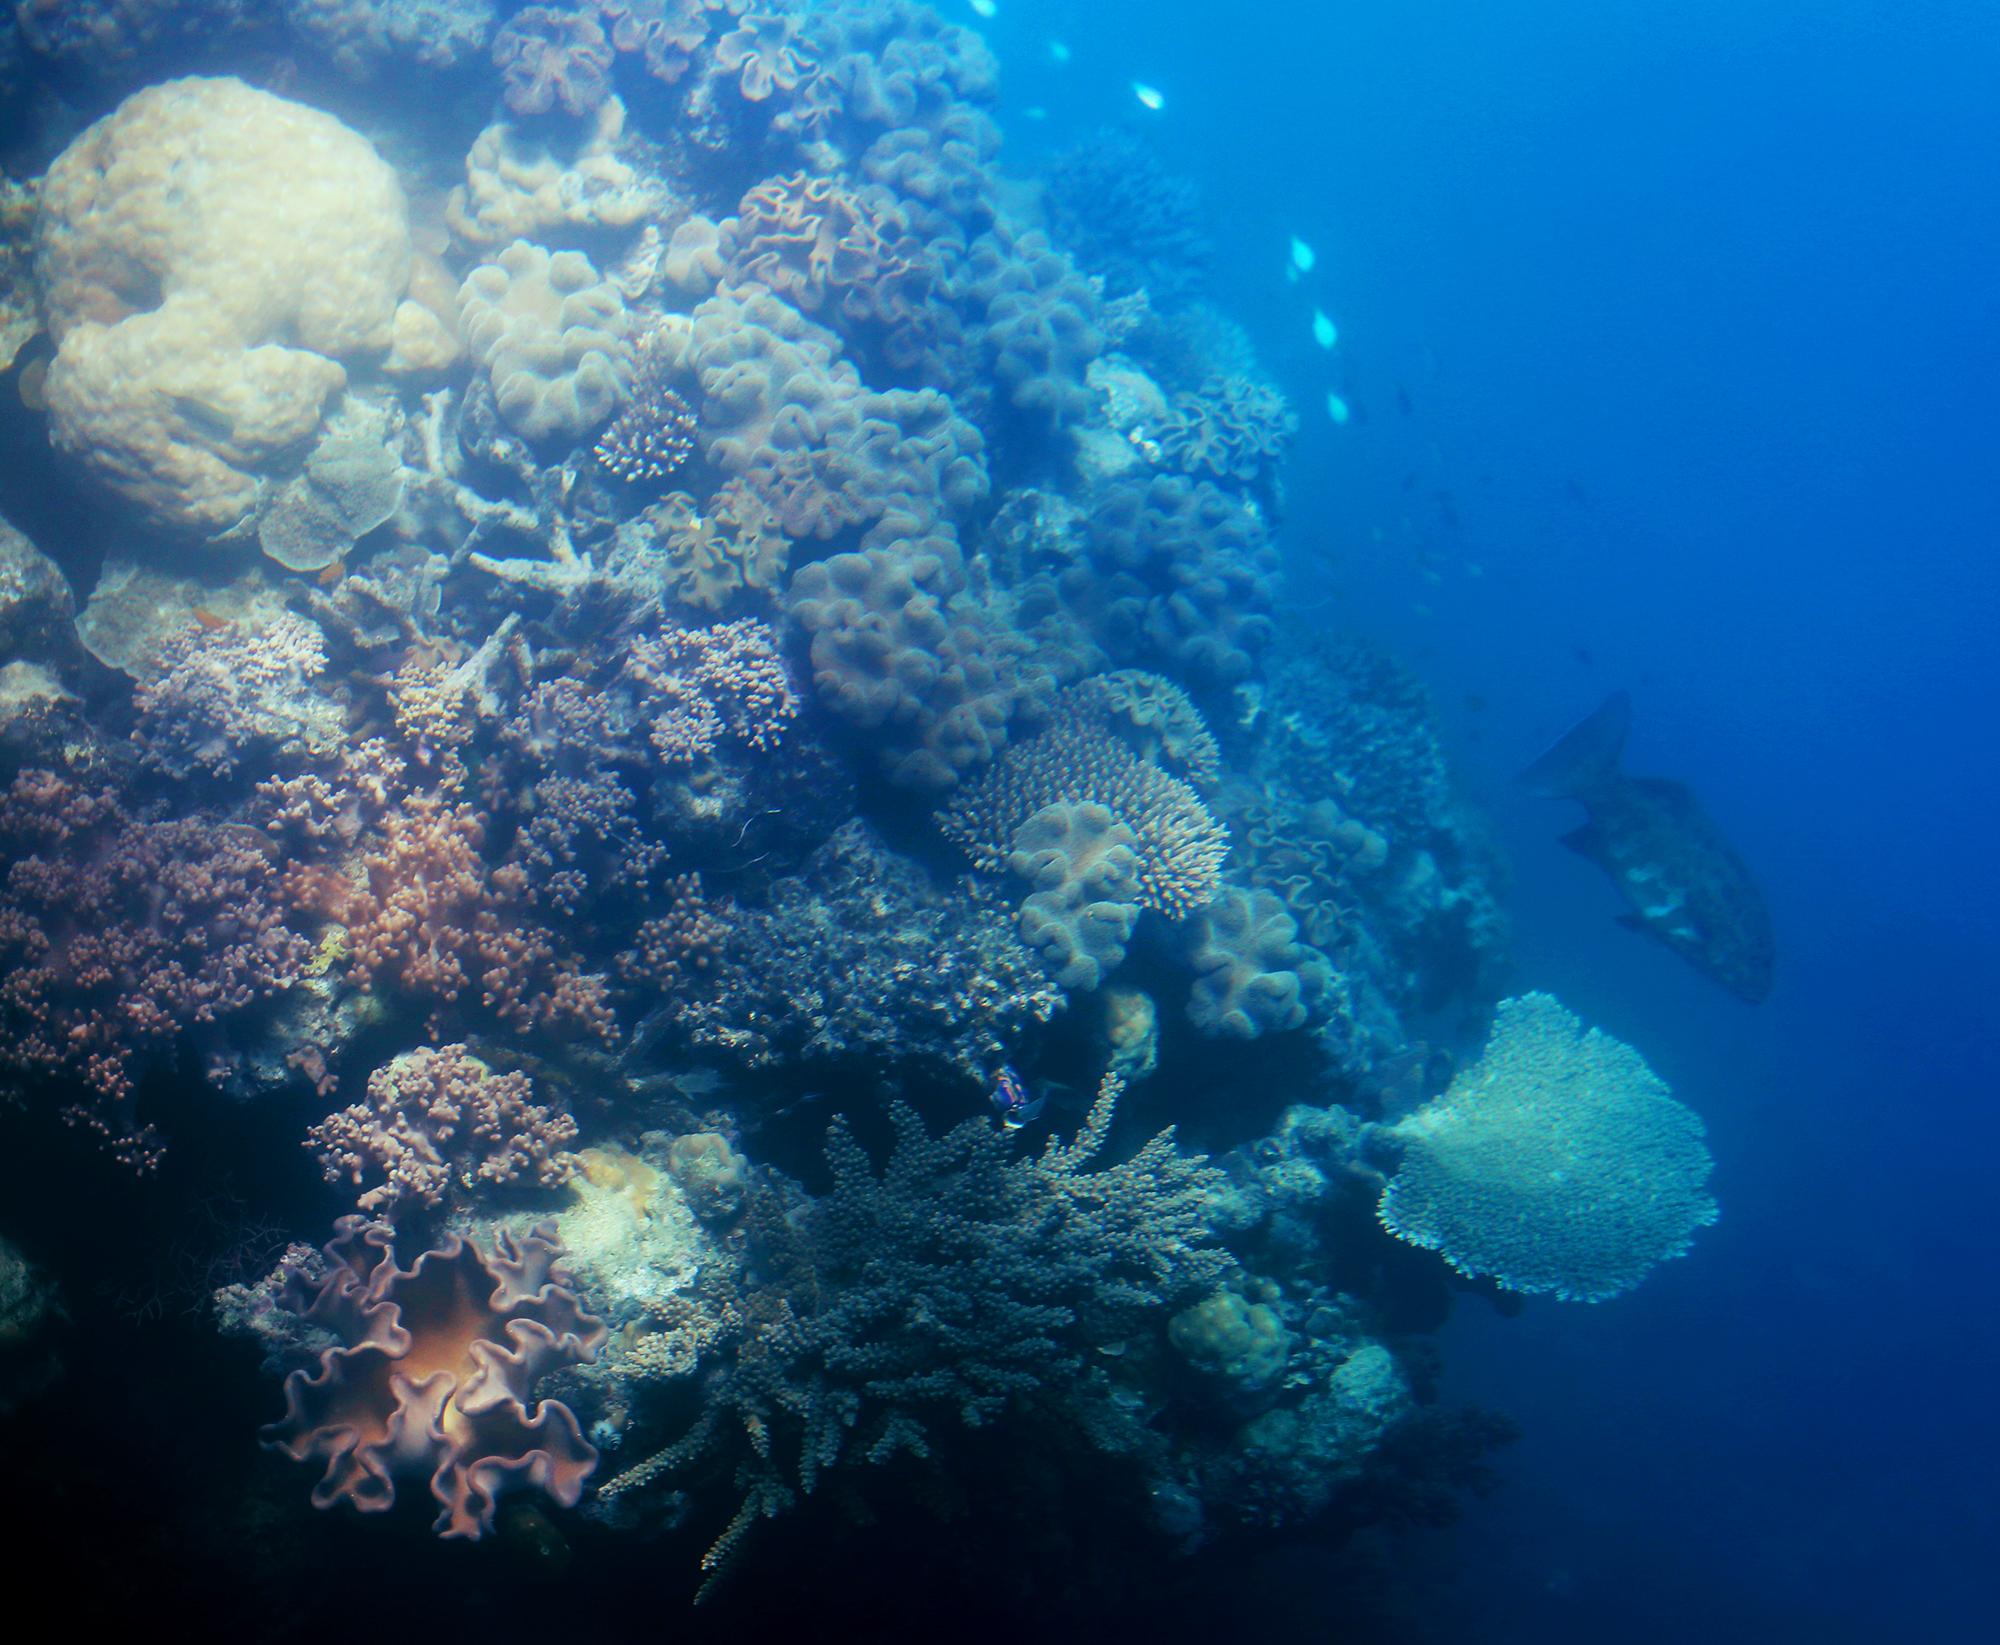 korall stora barriärrevet - sara edström20